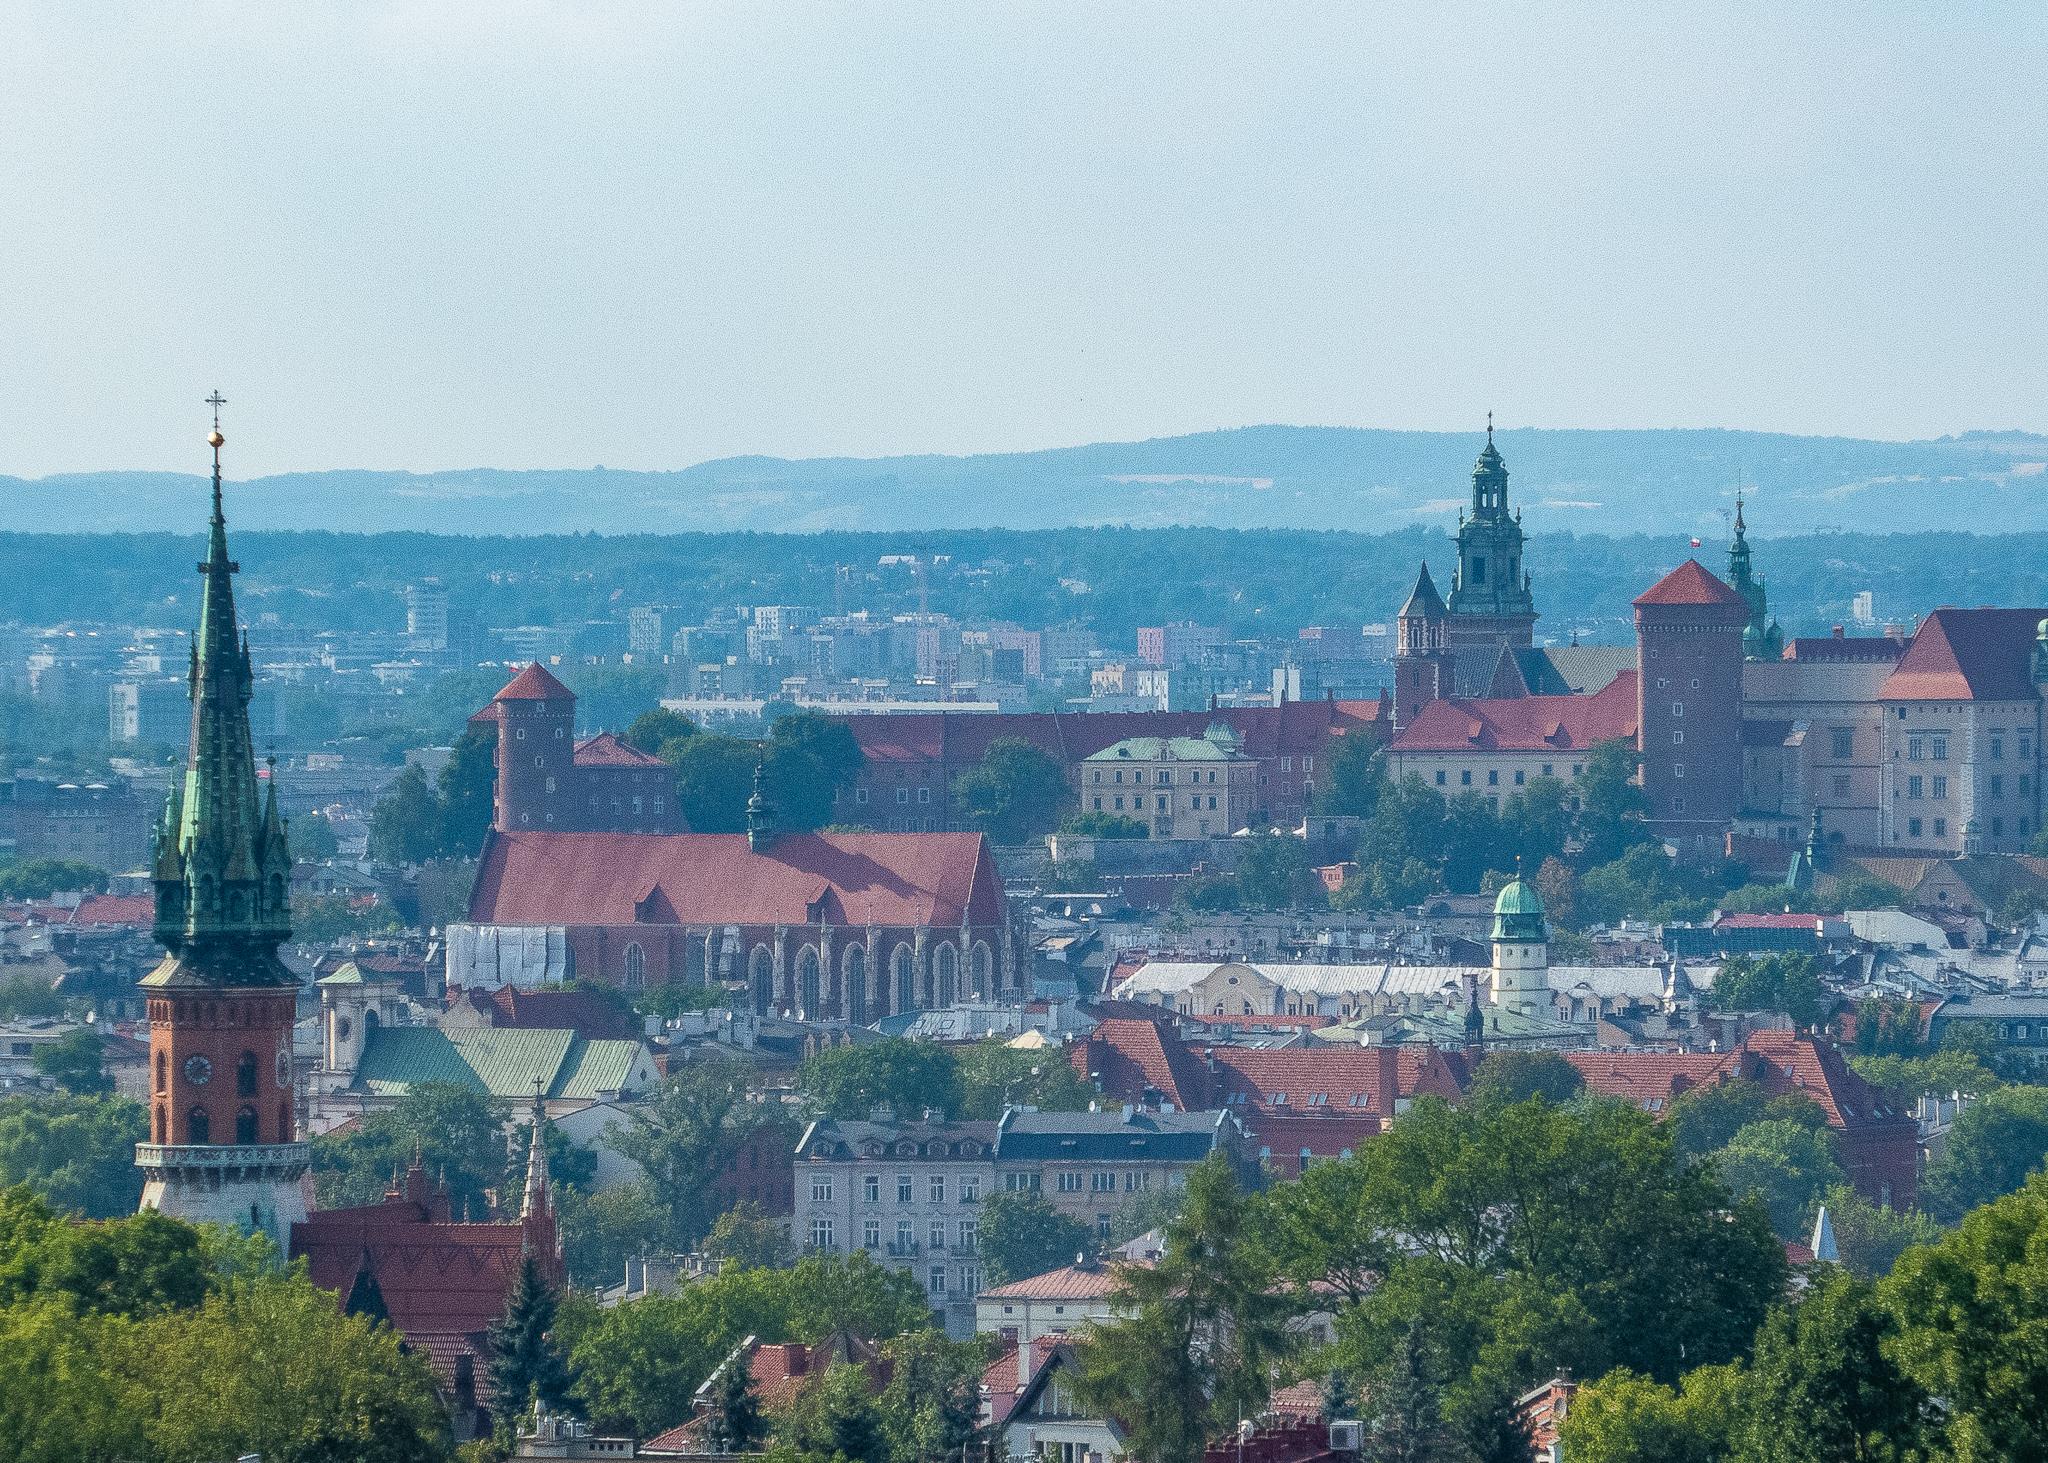 Views from Krakus Mound to Krakow's old town